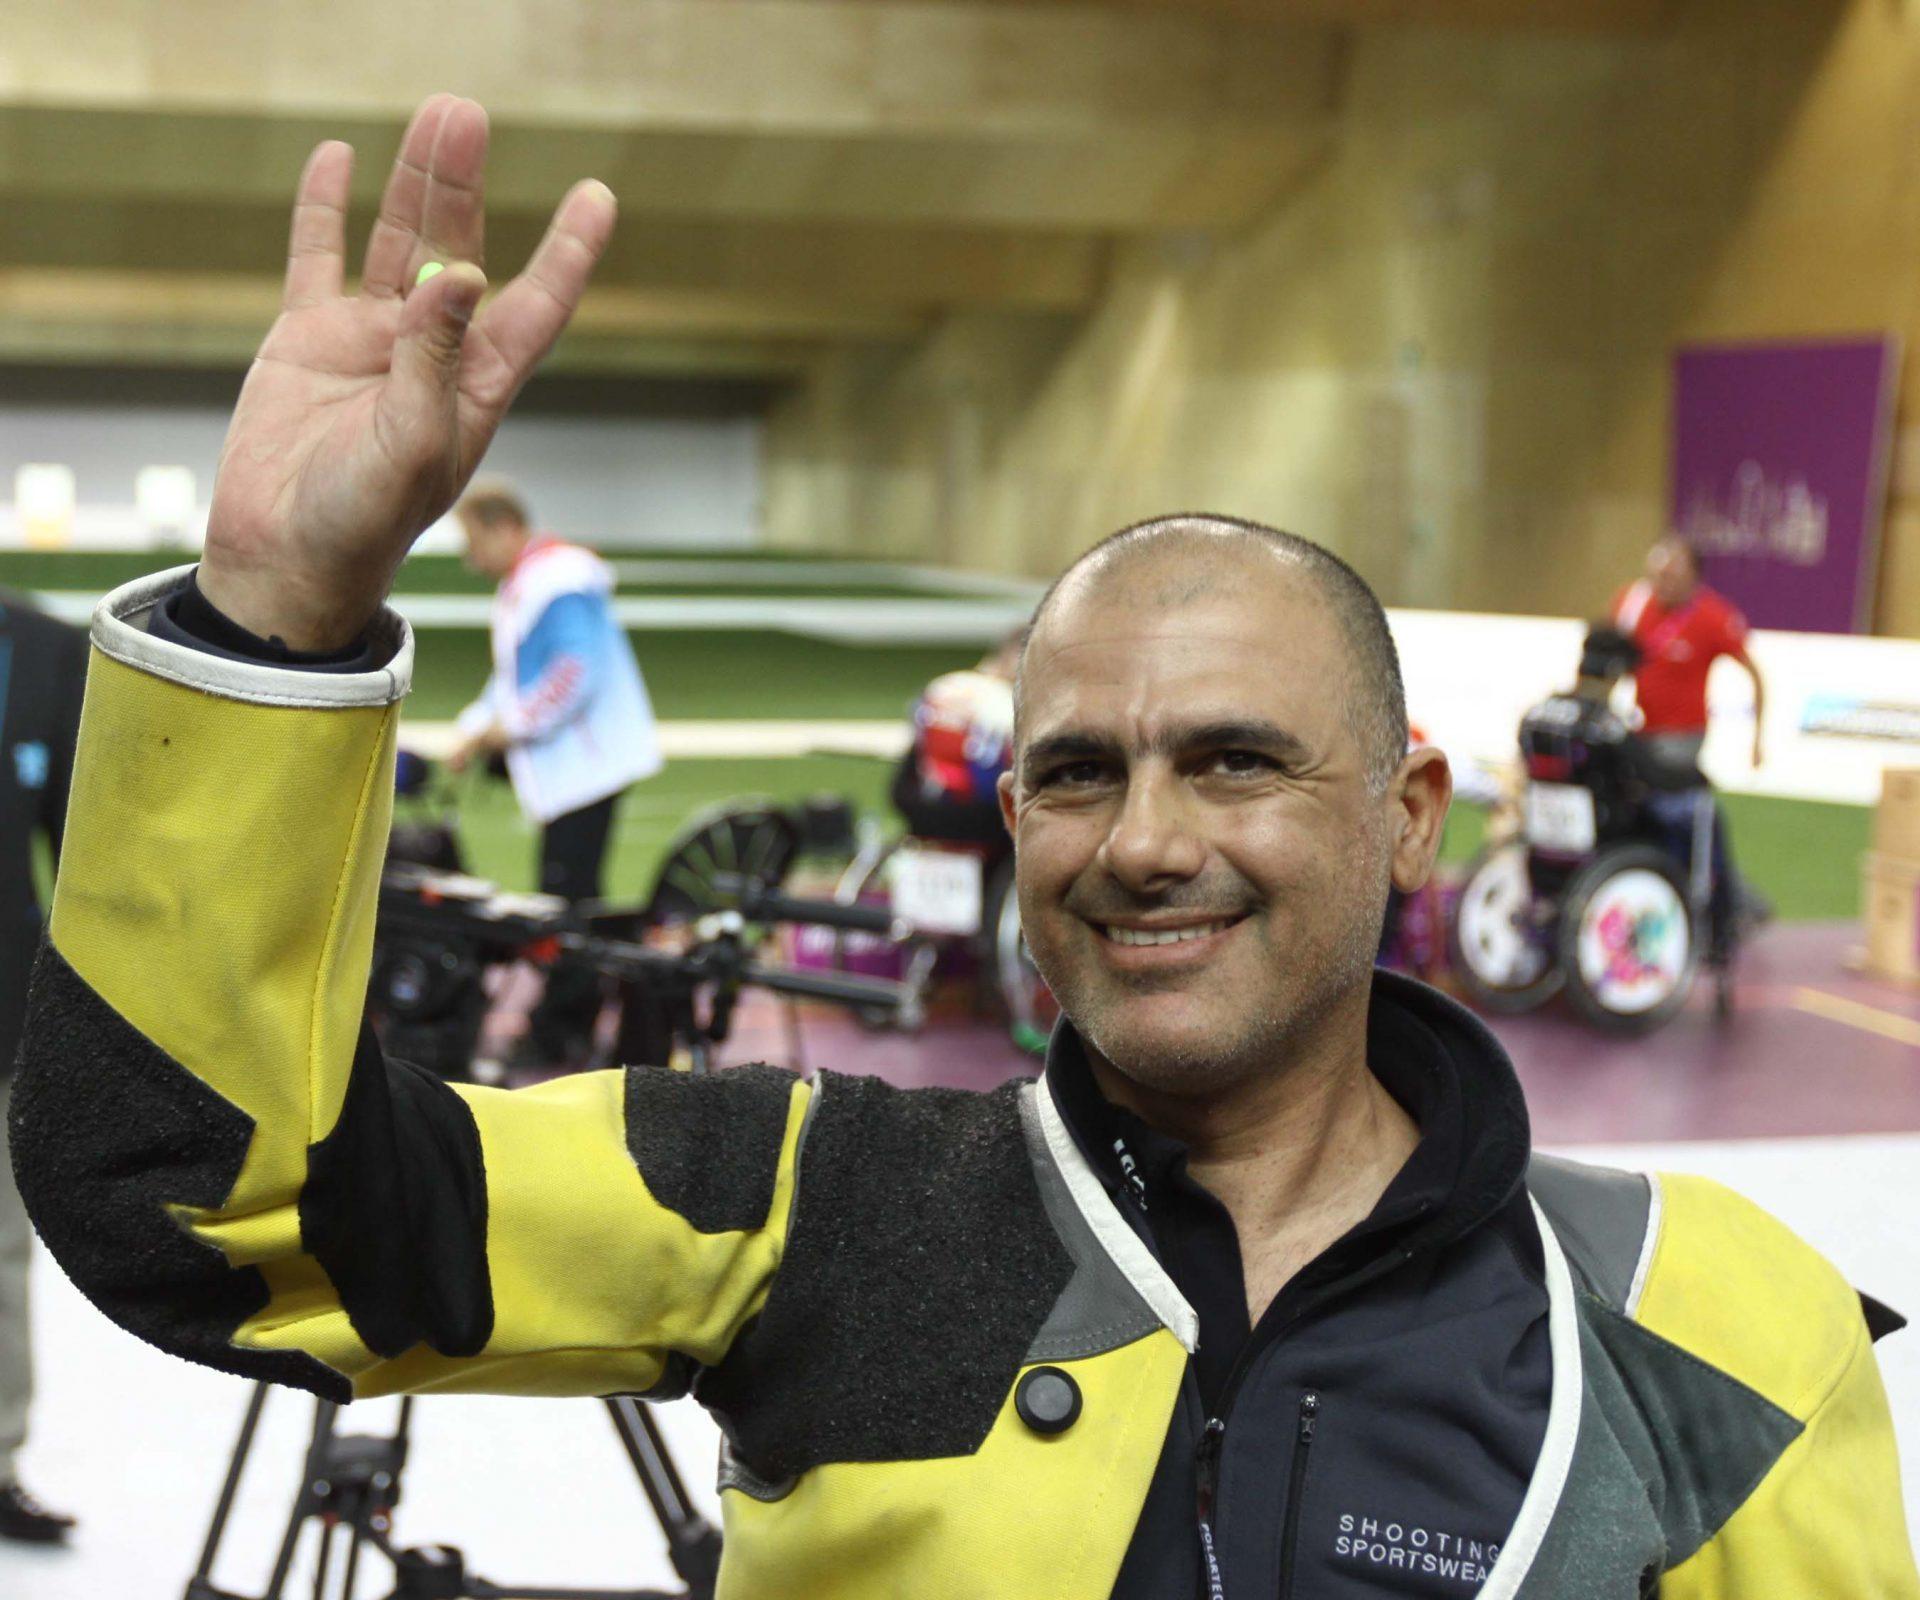 דורון שזירי - מדליית כסף המשחקים הפראלימפים לונדון 2012